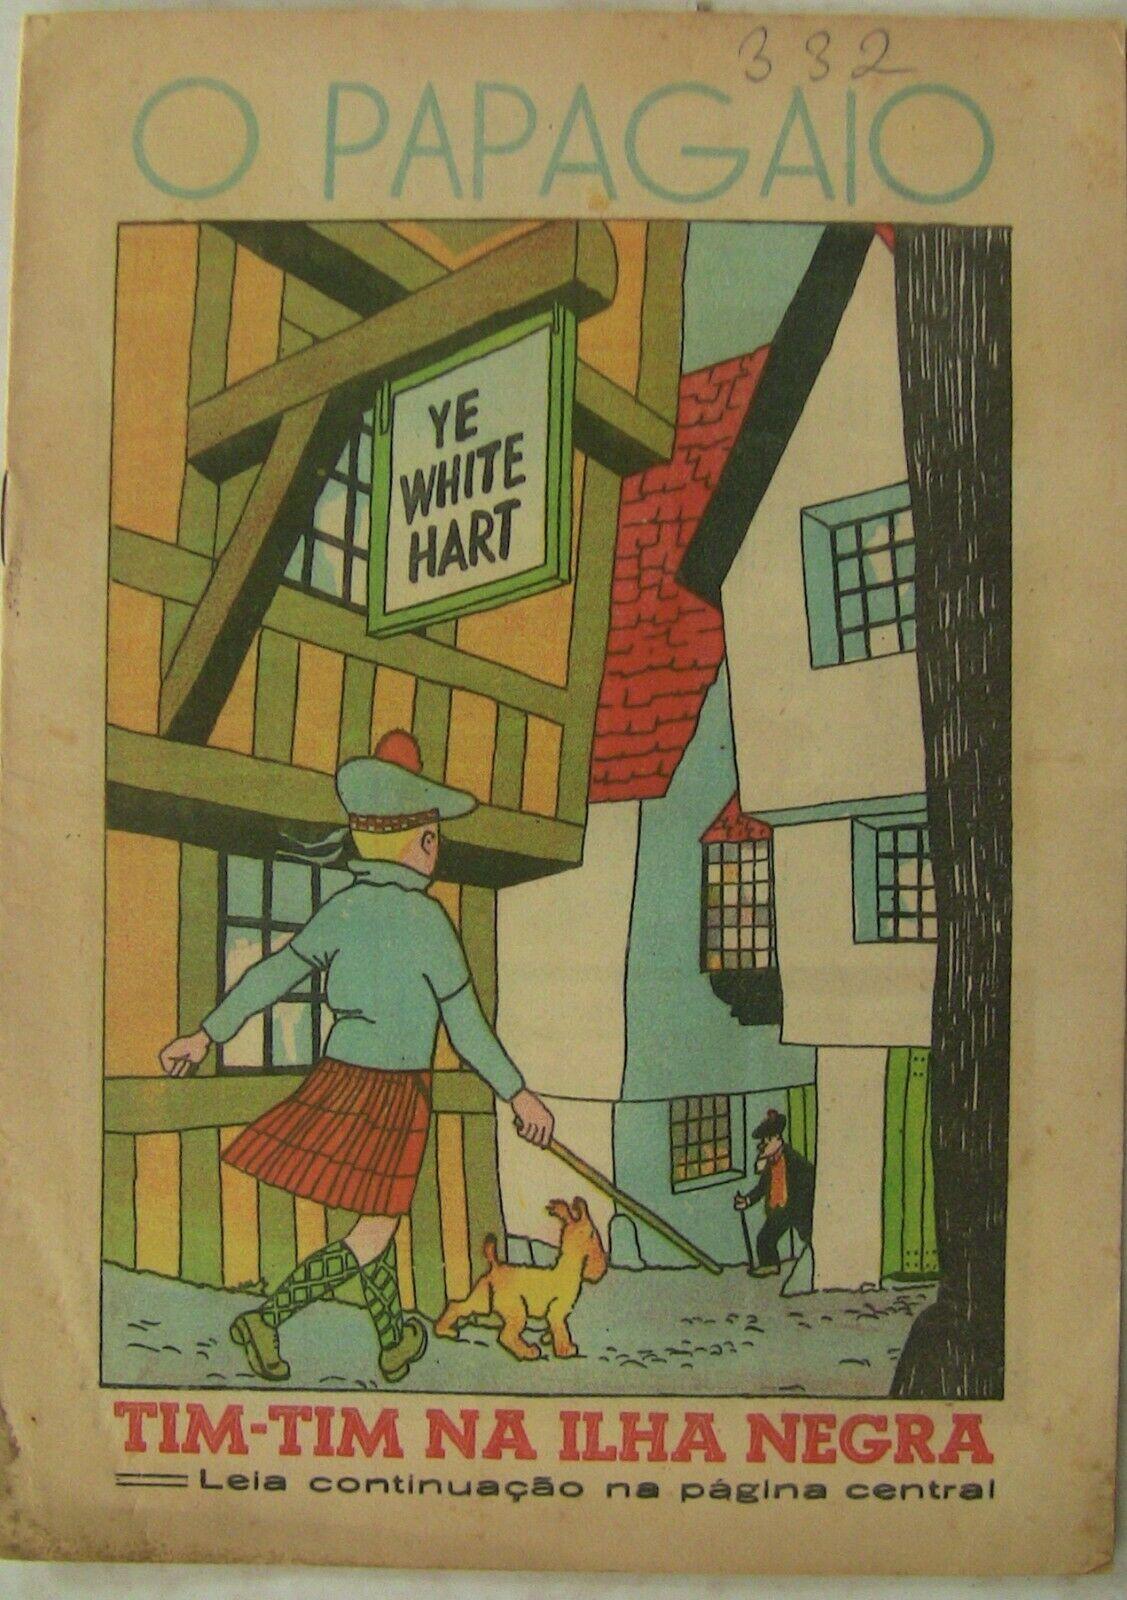 TINTIN HERGE 40 MAGAZINES O PAPAGAIO LE PETIT xxe PORTUGAIS ANNEES 1941 RARE